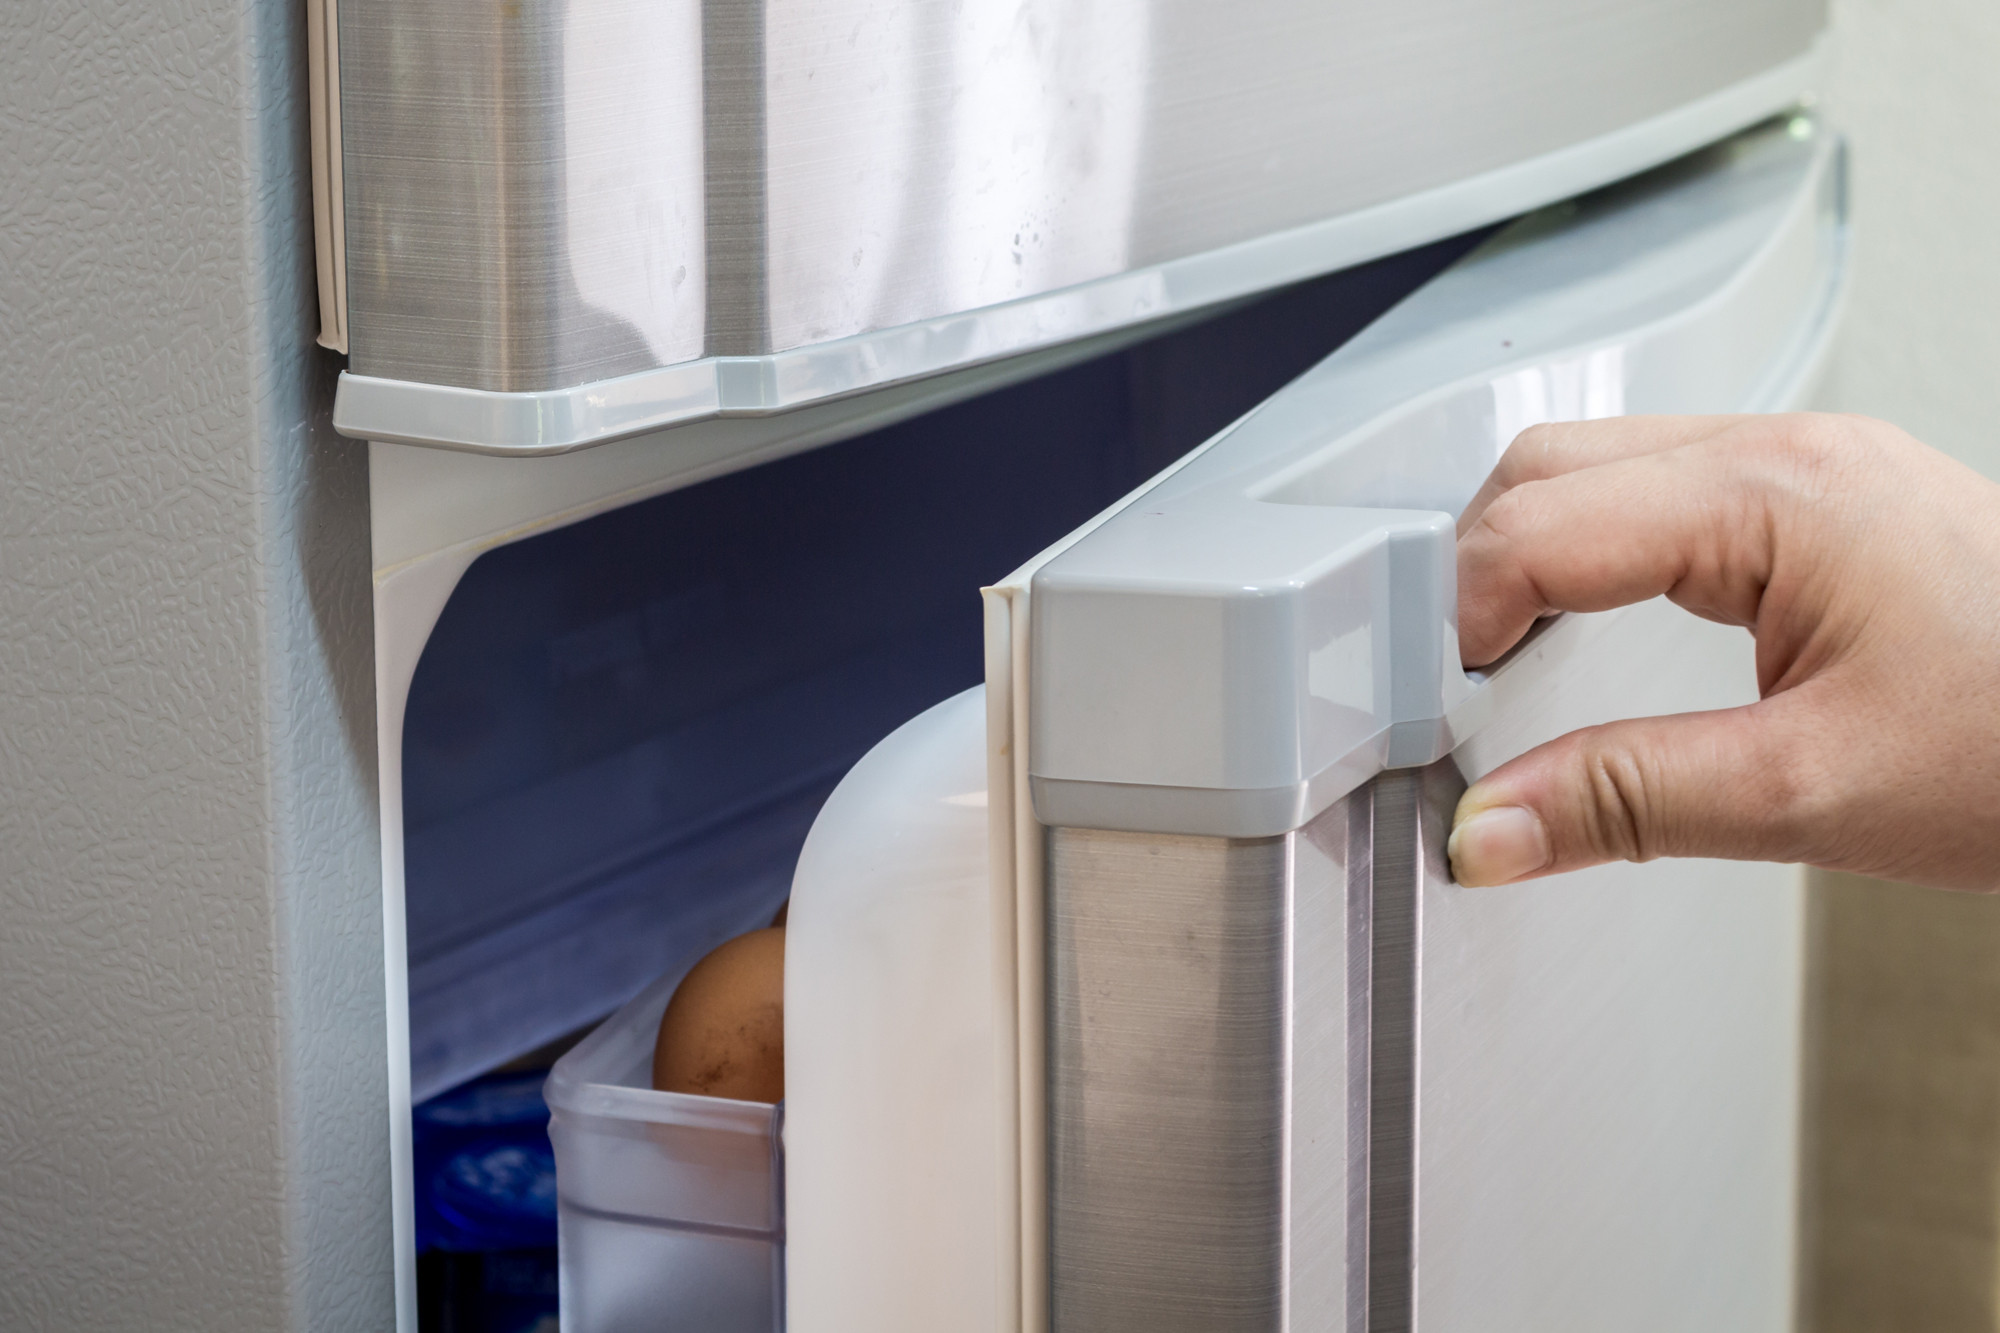 открытая дверь холодильника